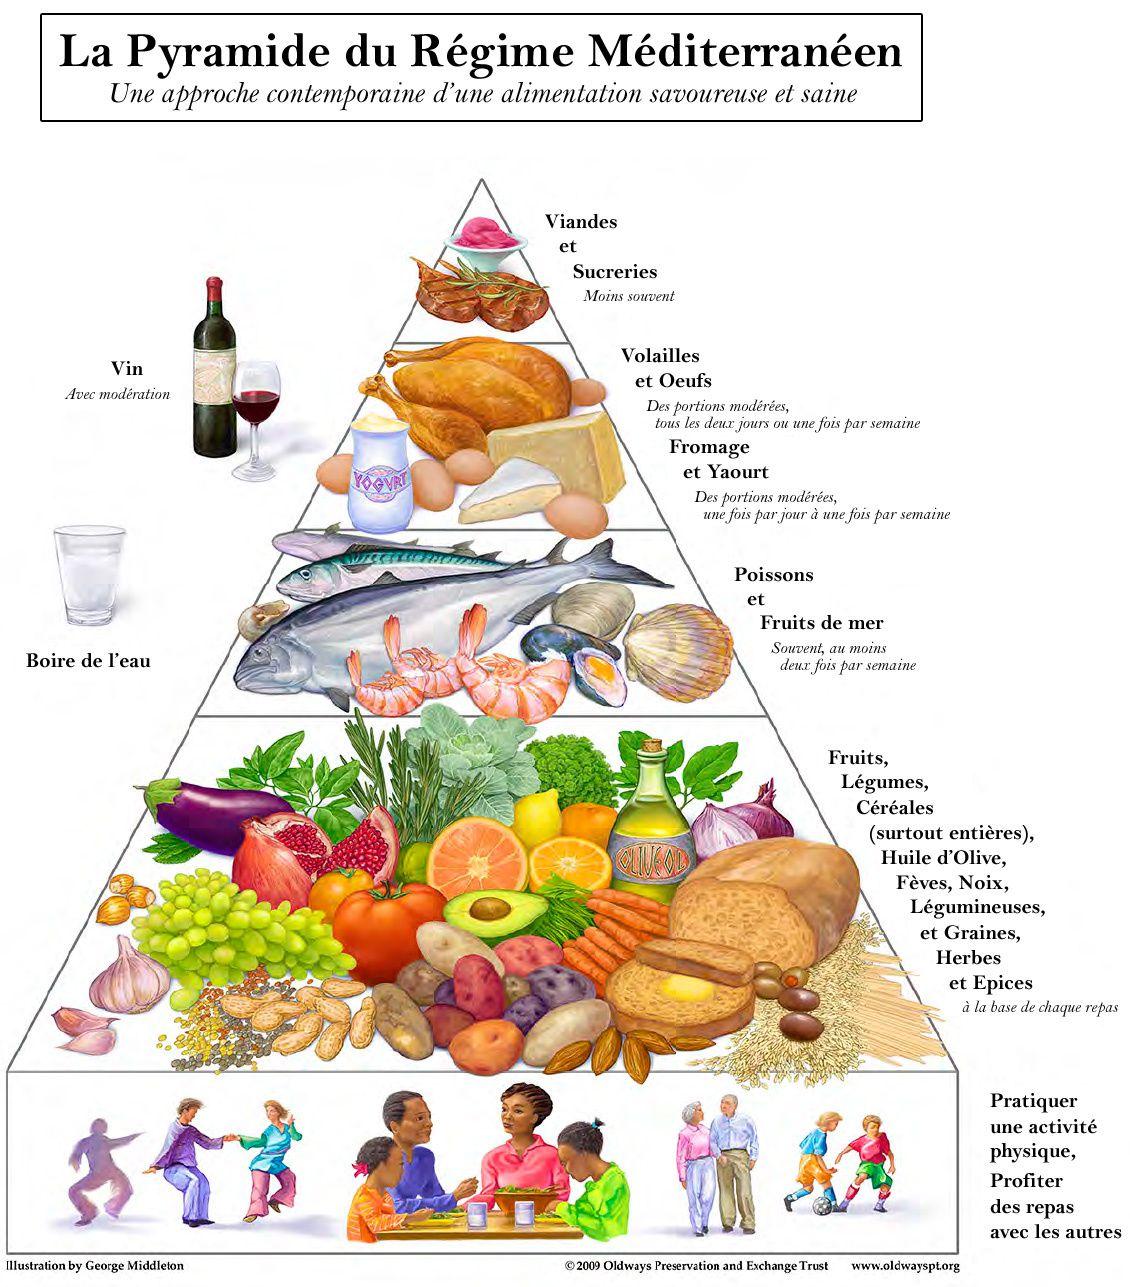 """L'hygiène alimentaire Méditérranéene dite """"régime Crétois"""" qui a longtemps fait ses preuves."""